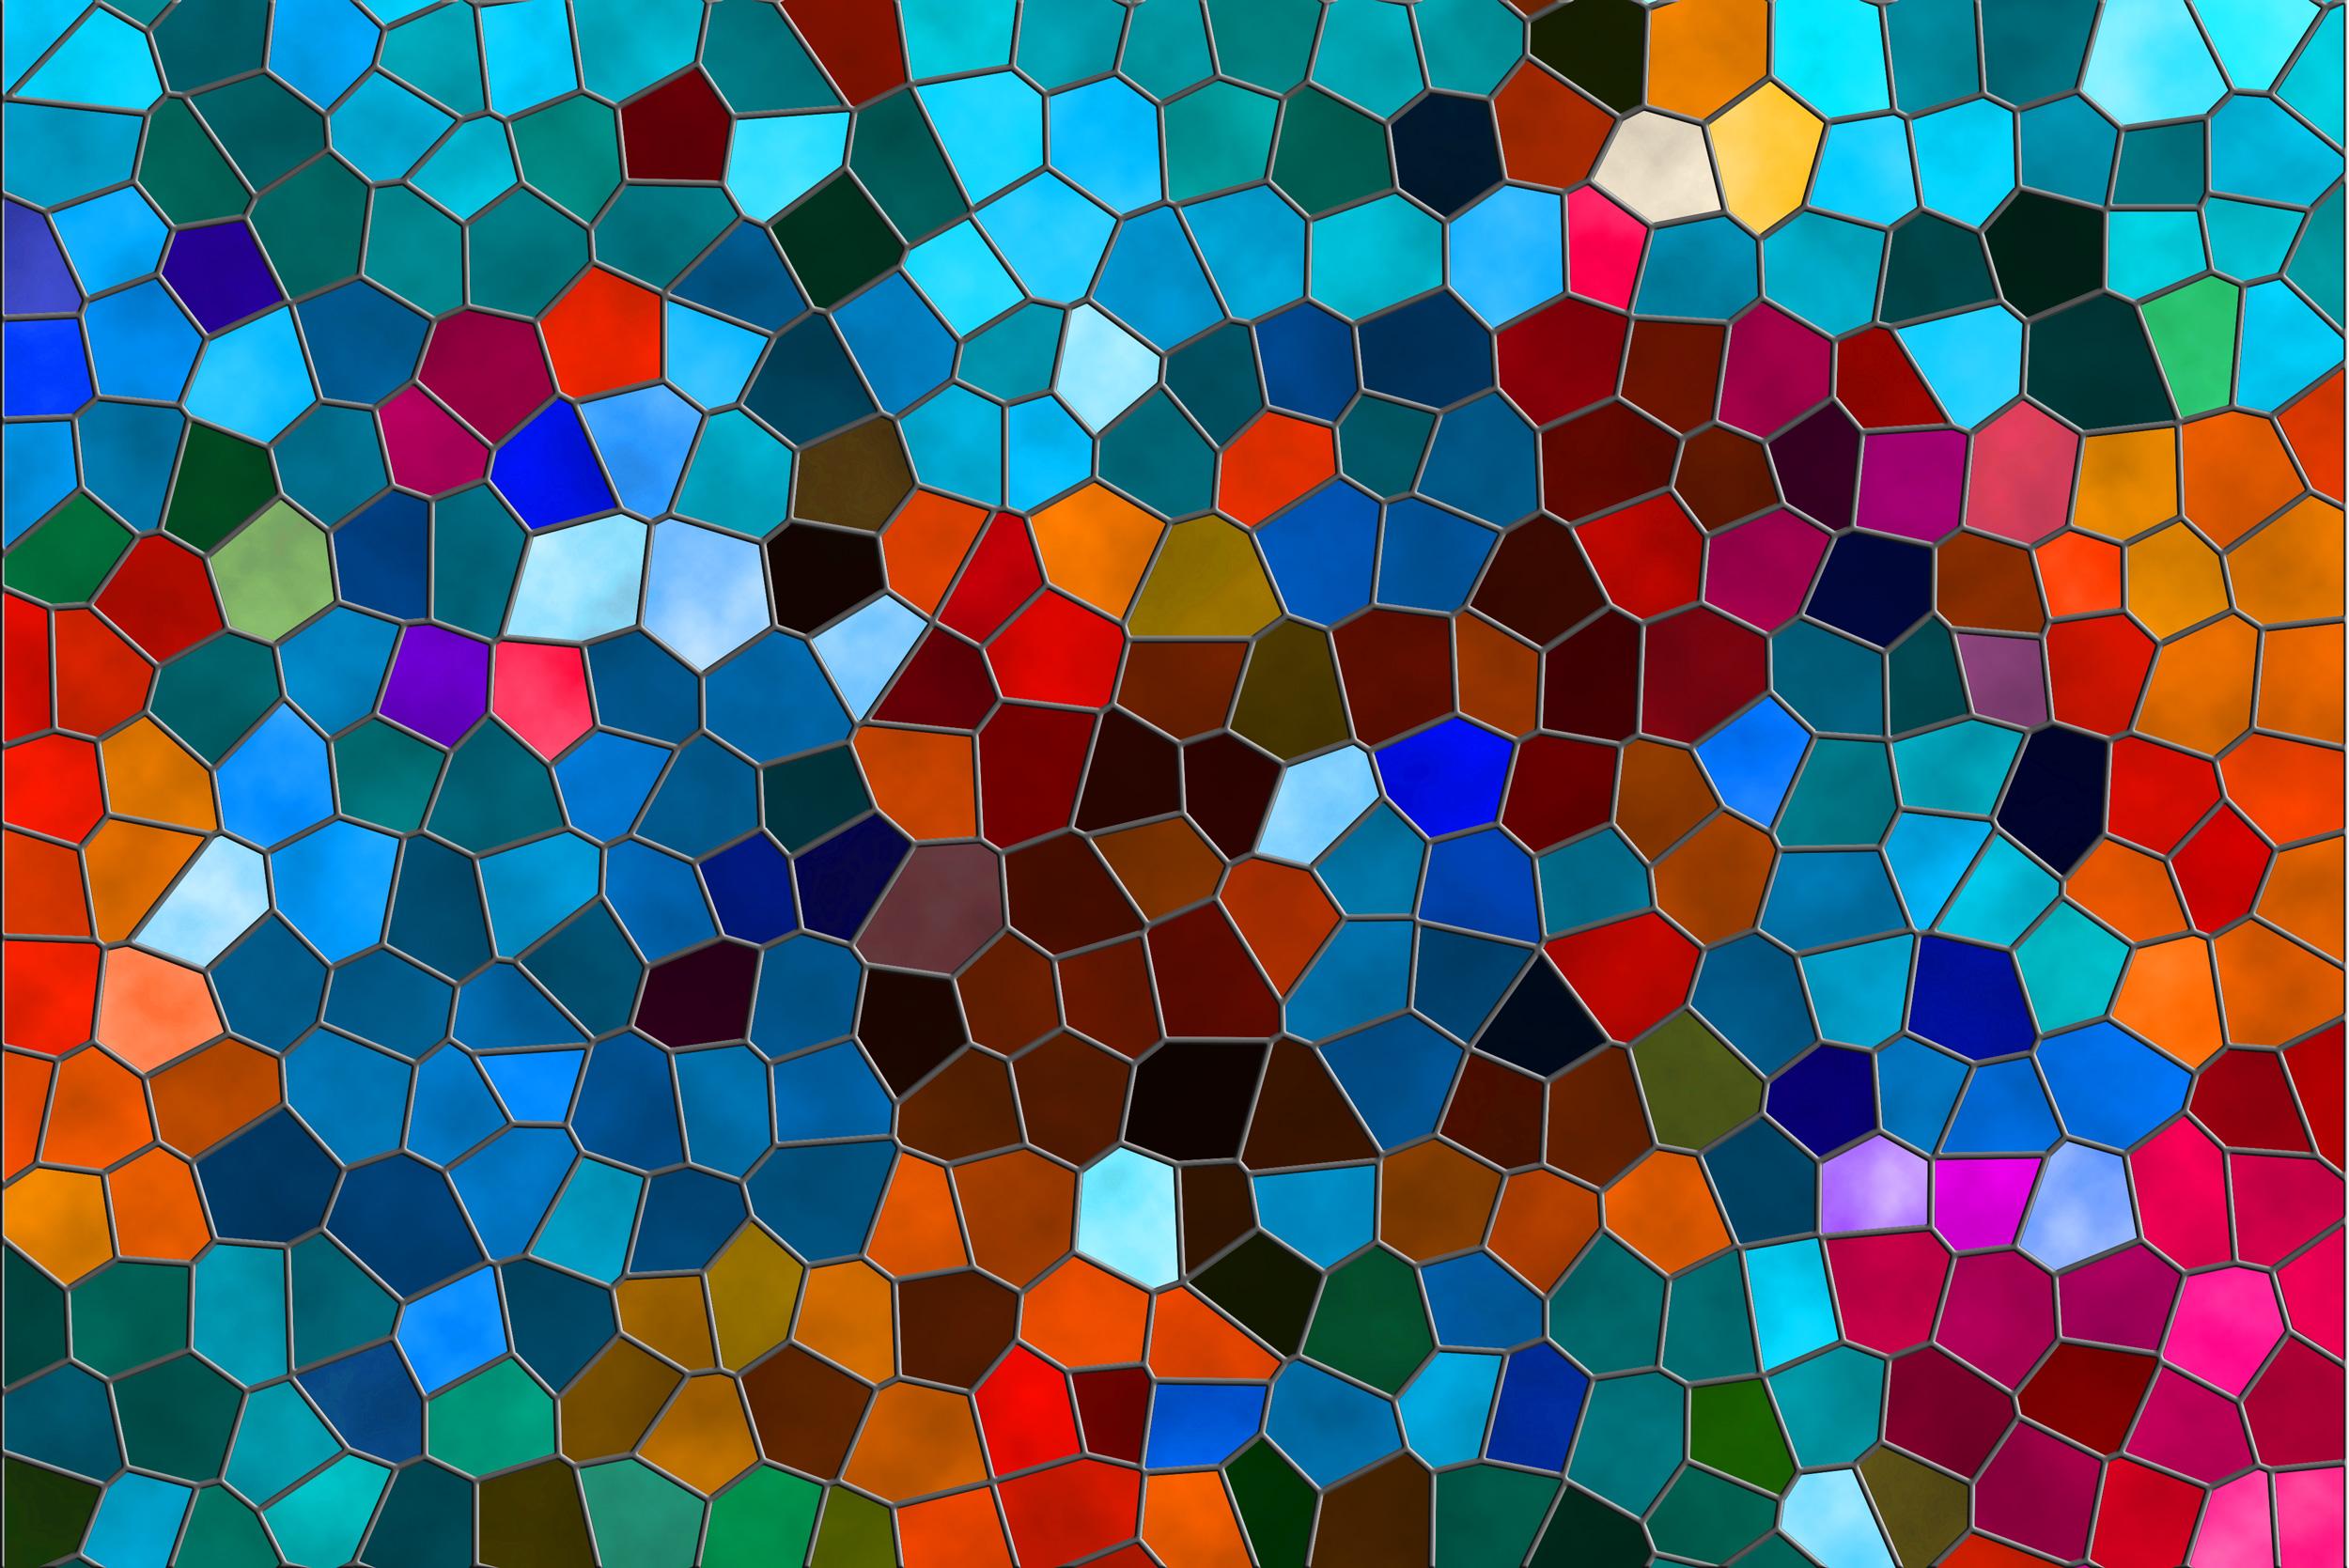 Картинка разноцветная текстура мозаики из стекла